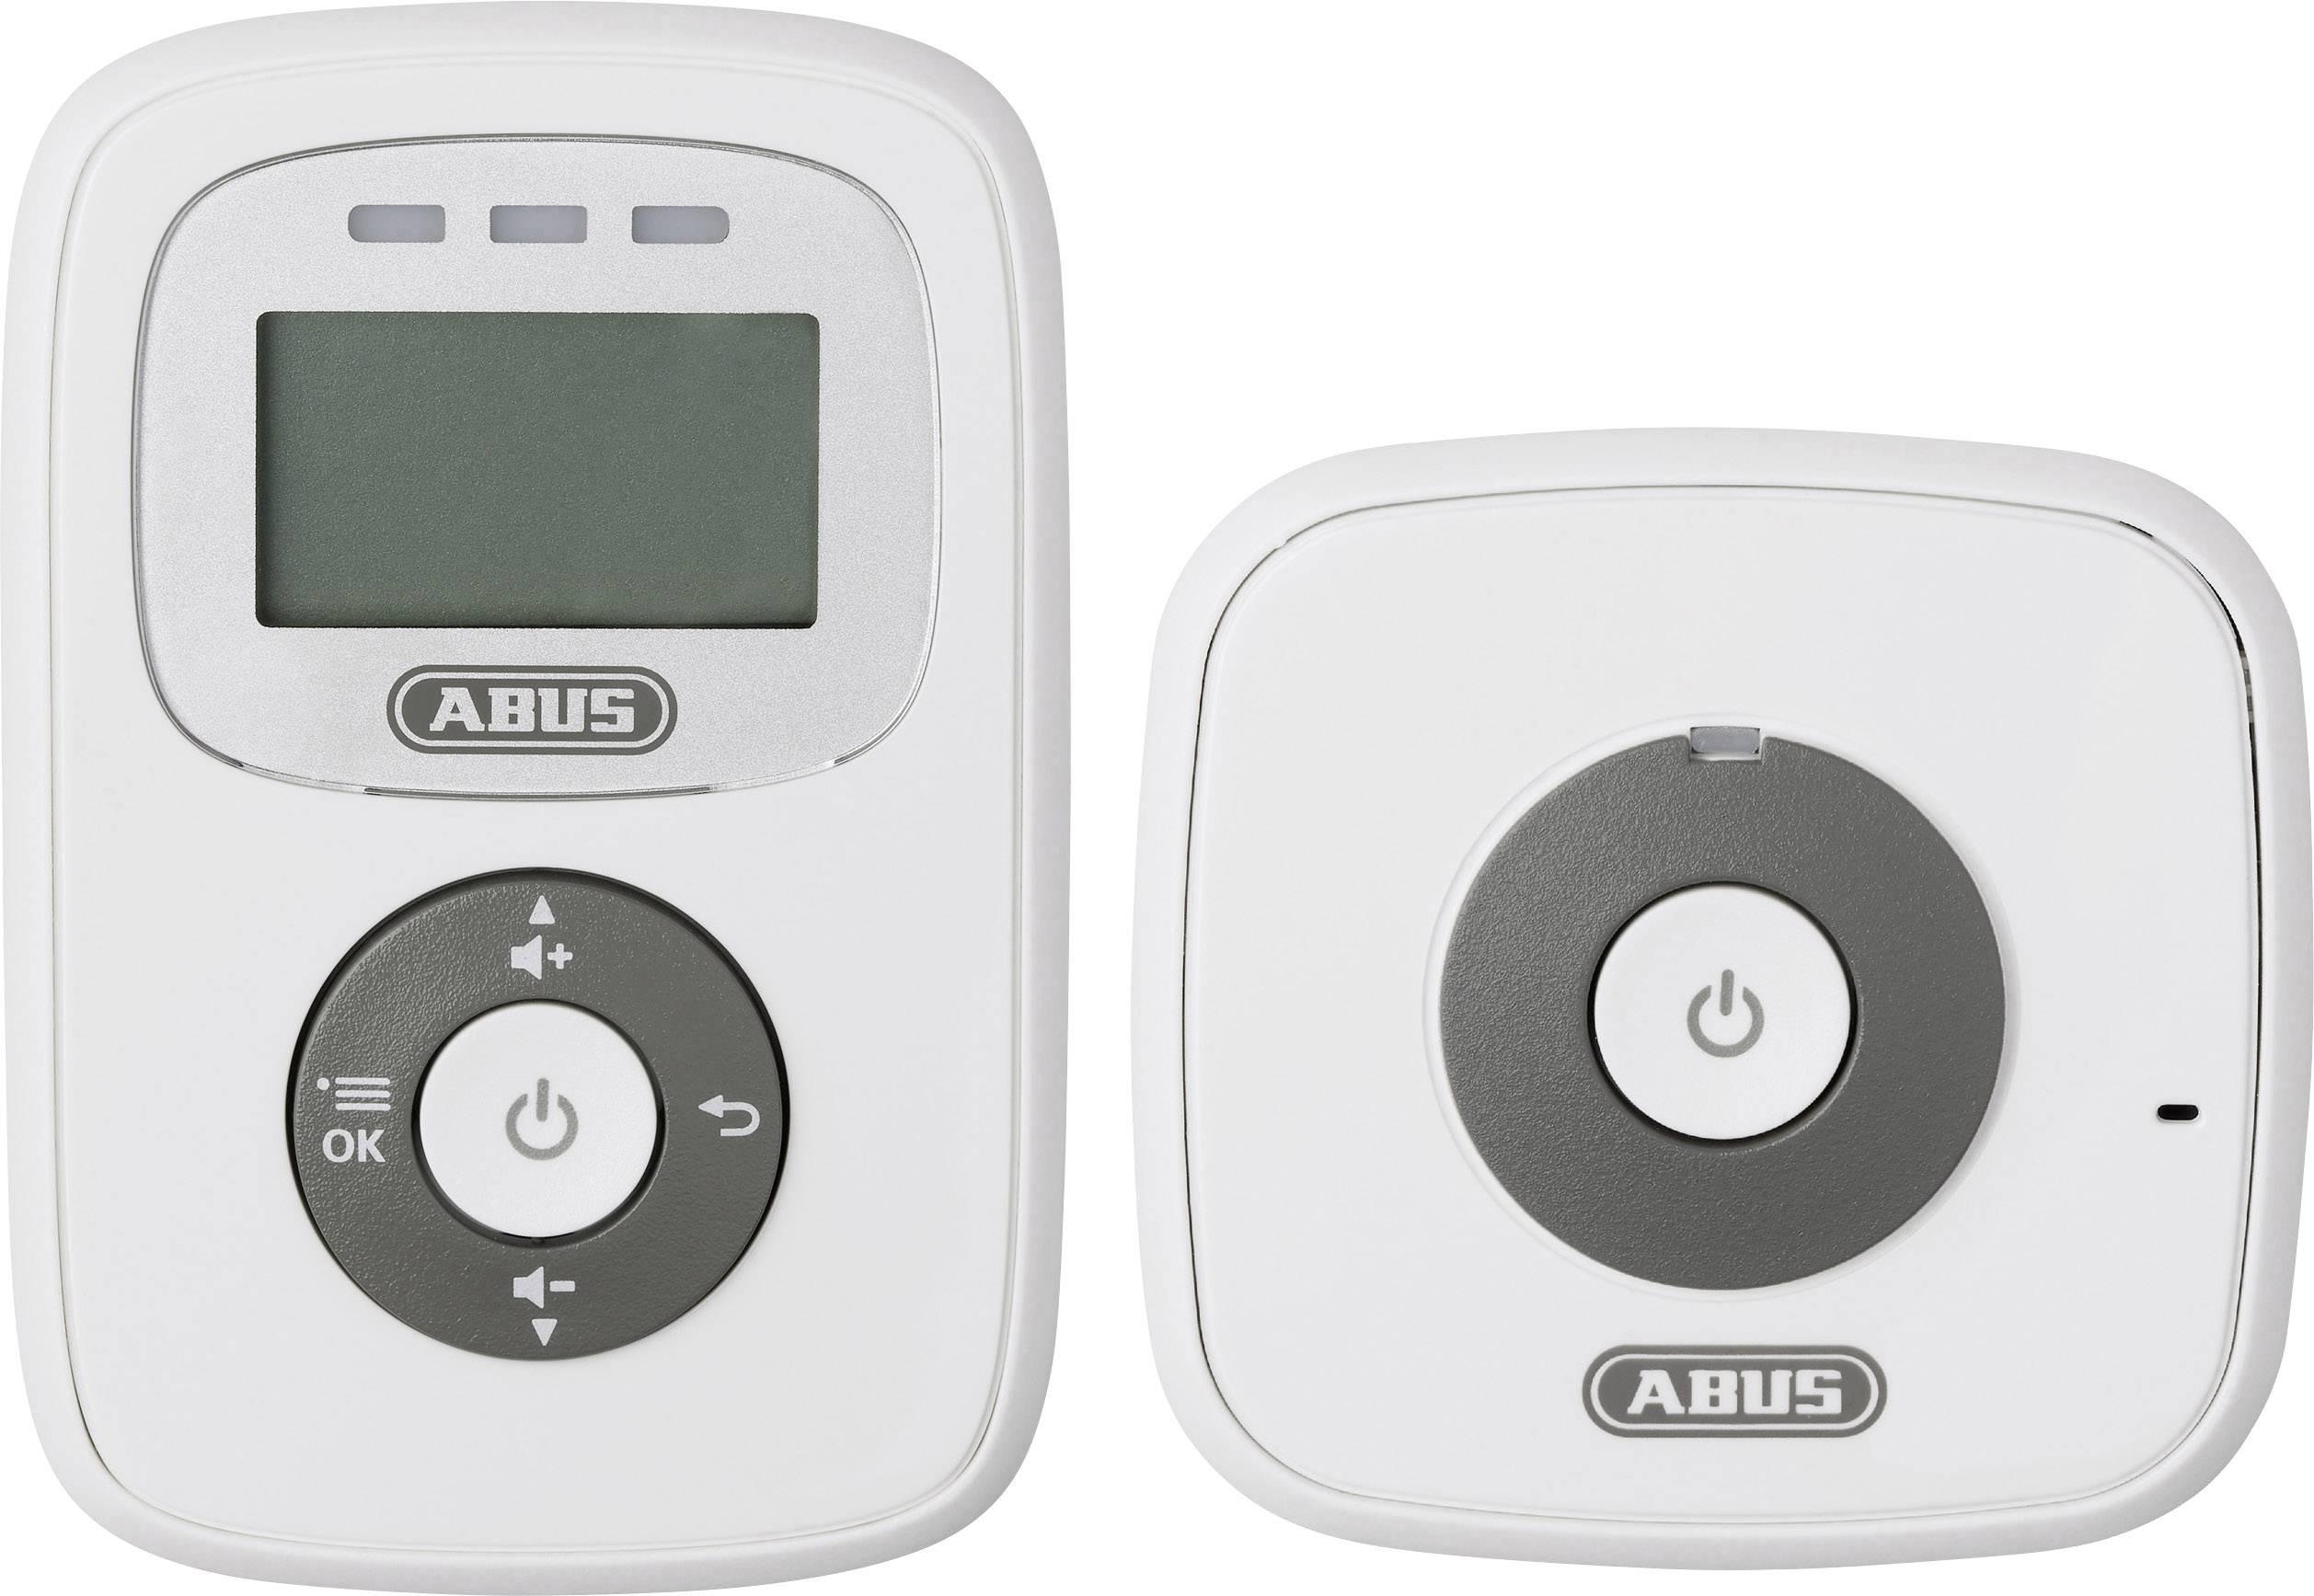 Digitální dětská chůvička ABUS ABJC73126 TOM, 1.8 GHz